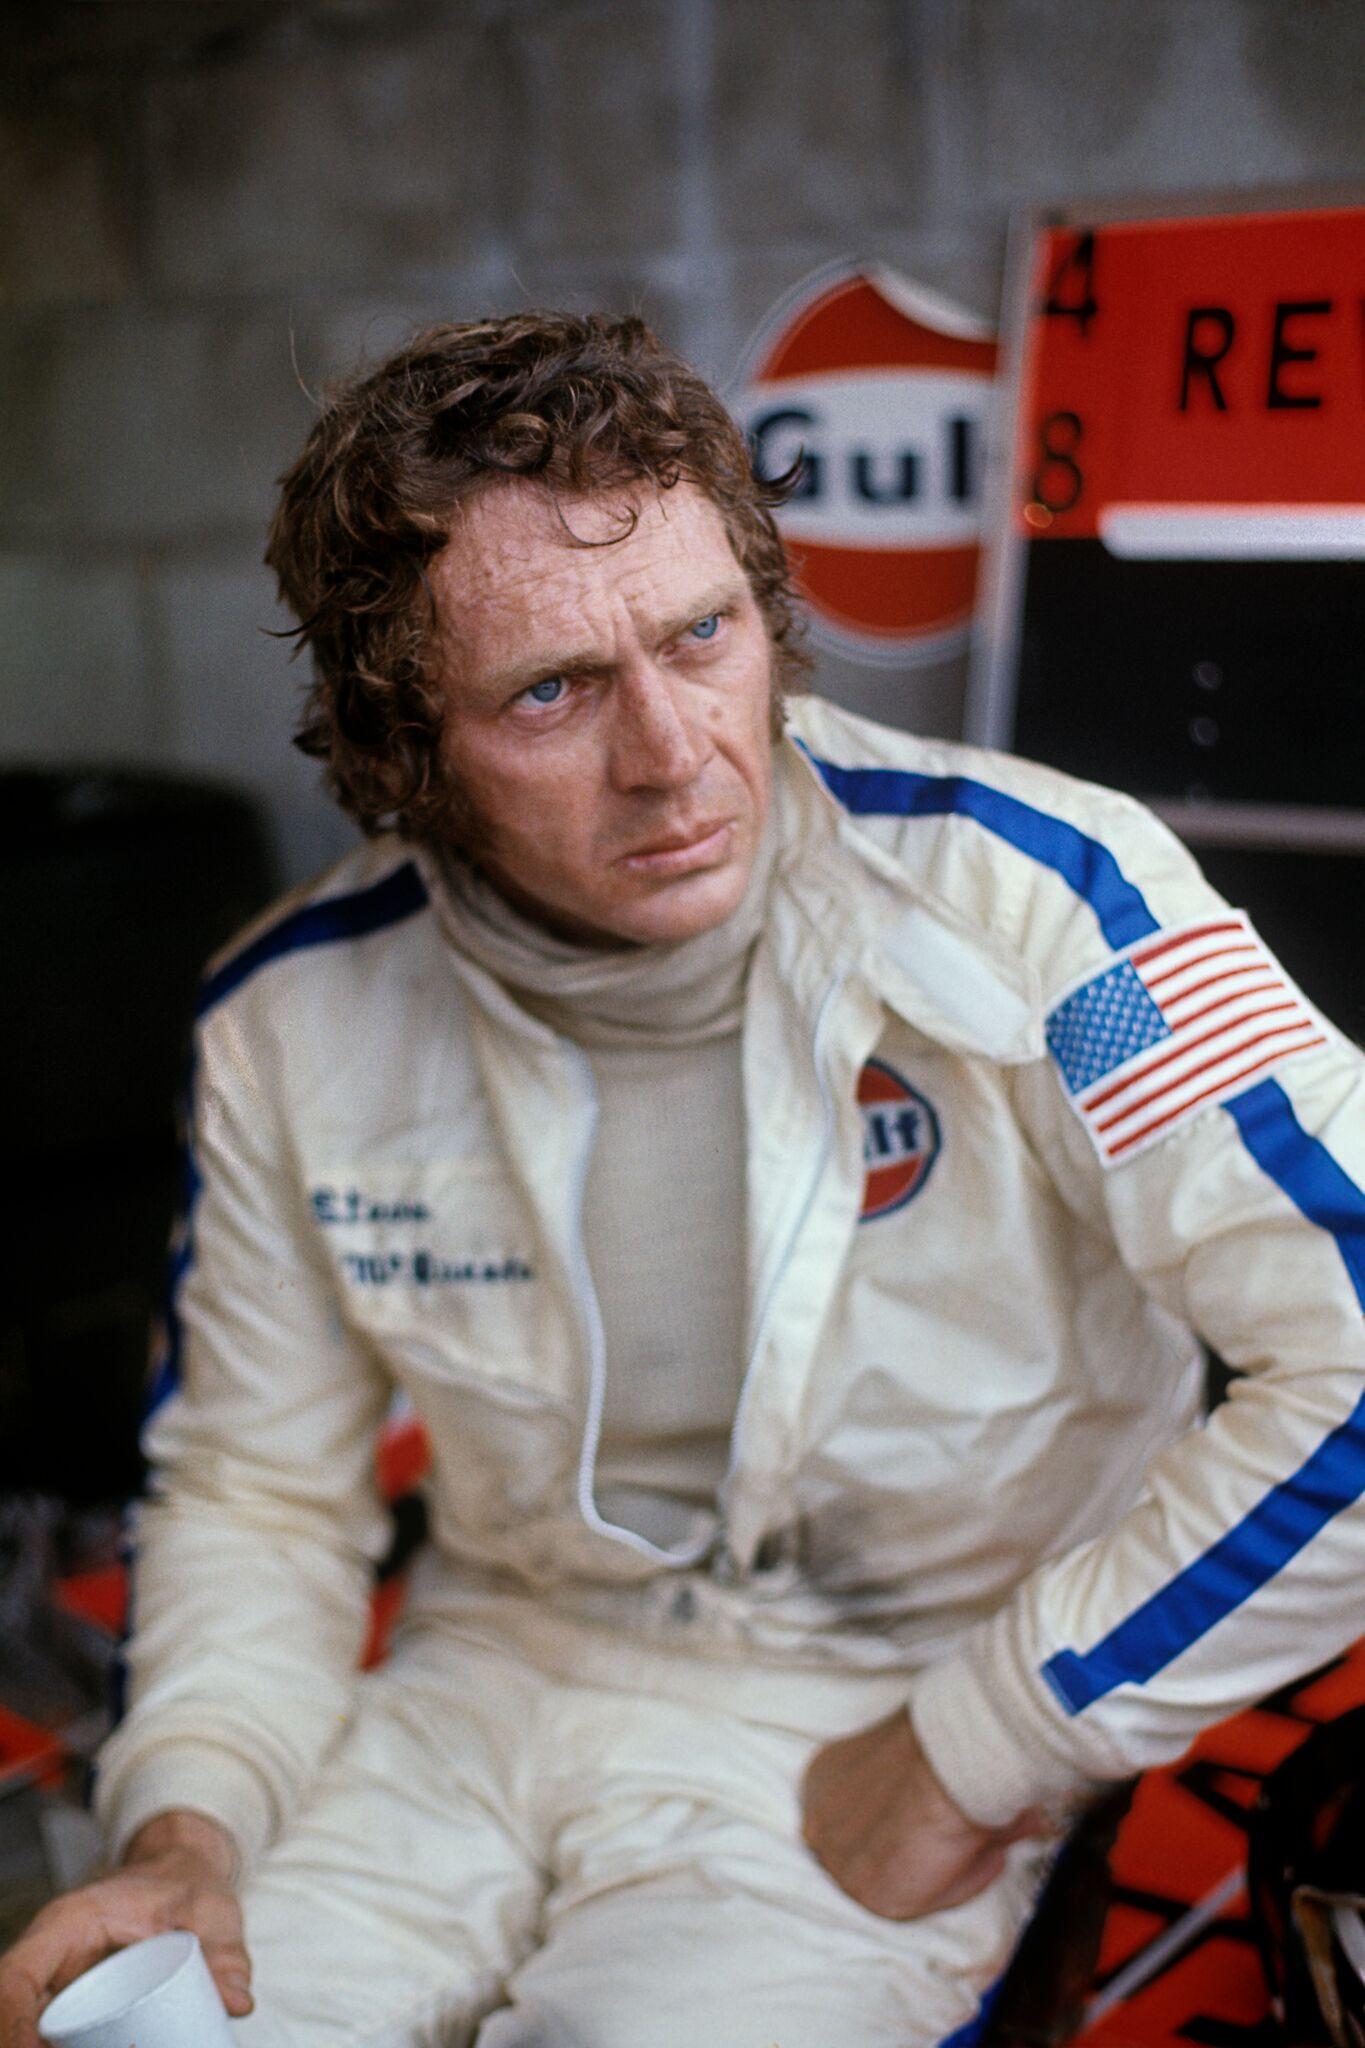 Steve McQueen vêtu d'une tenue de course. l Source: Getty Images